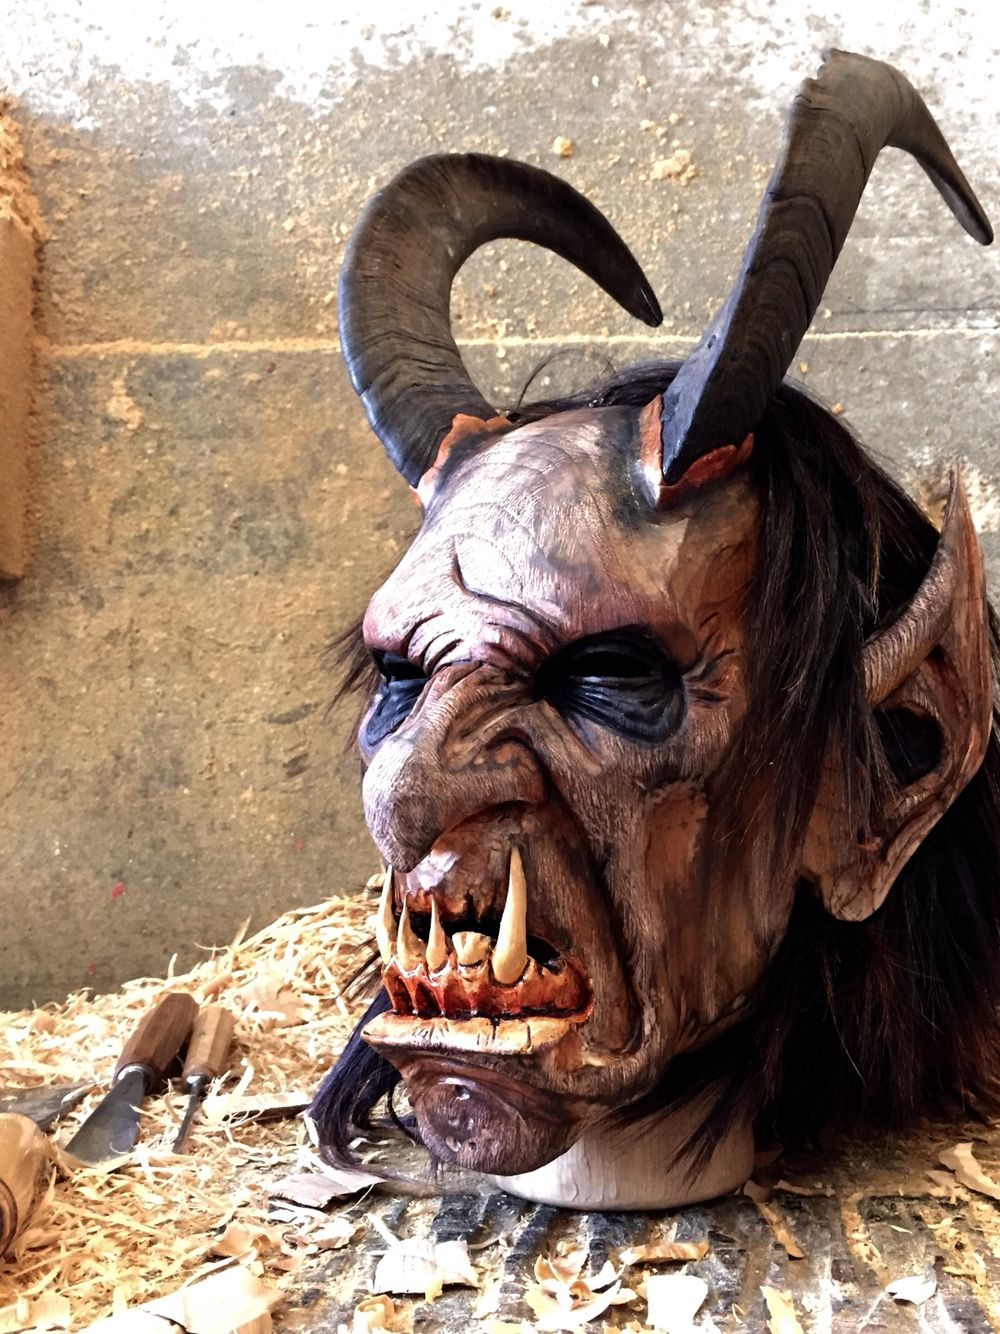 Krampusmask Carved Out Of Wood Austria 2015 Moinat Maskenarthur